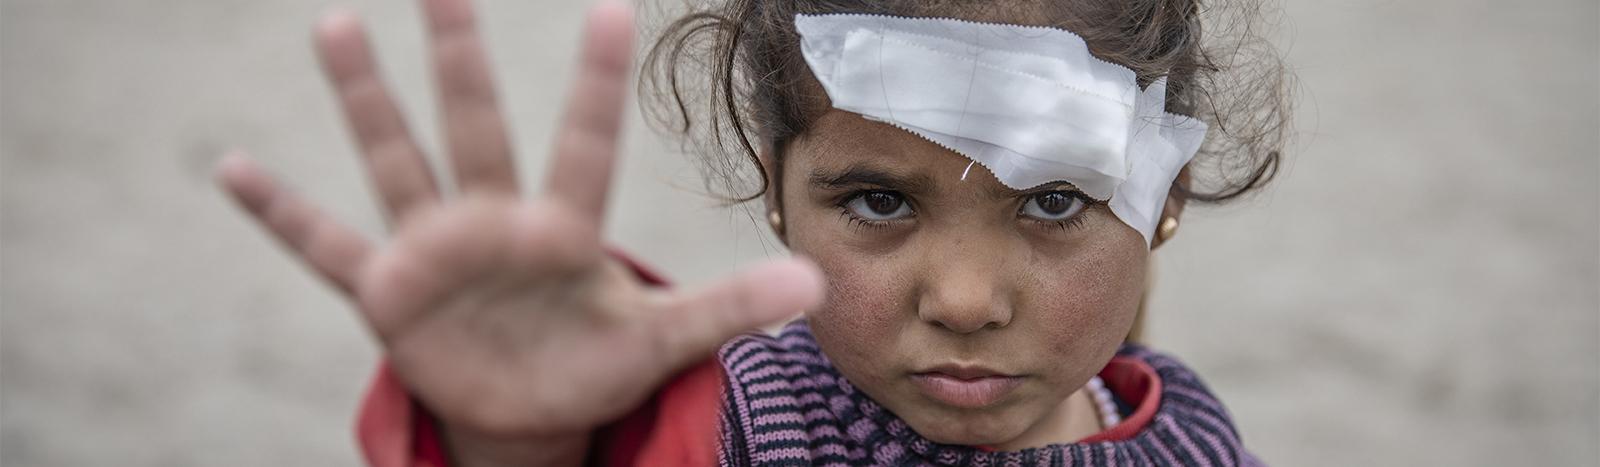 Lapsi näyttää stop-merkkiä kädellään sodalle.